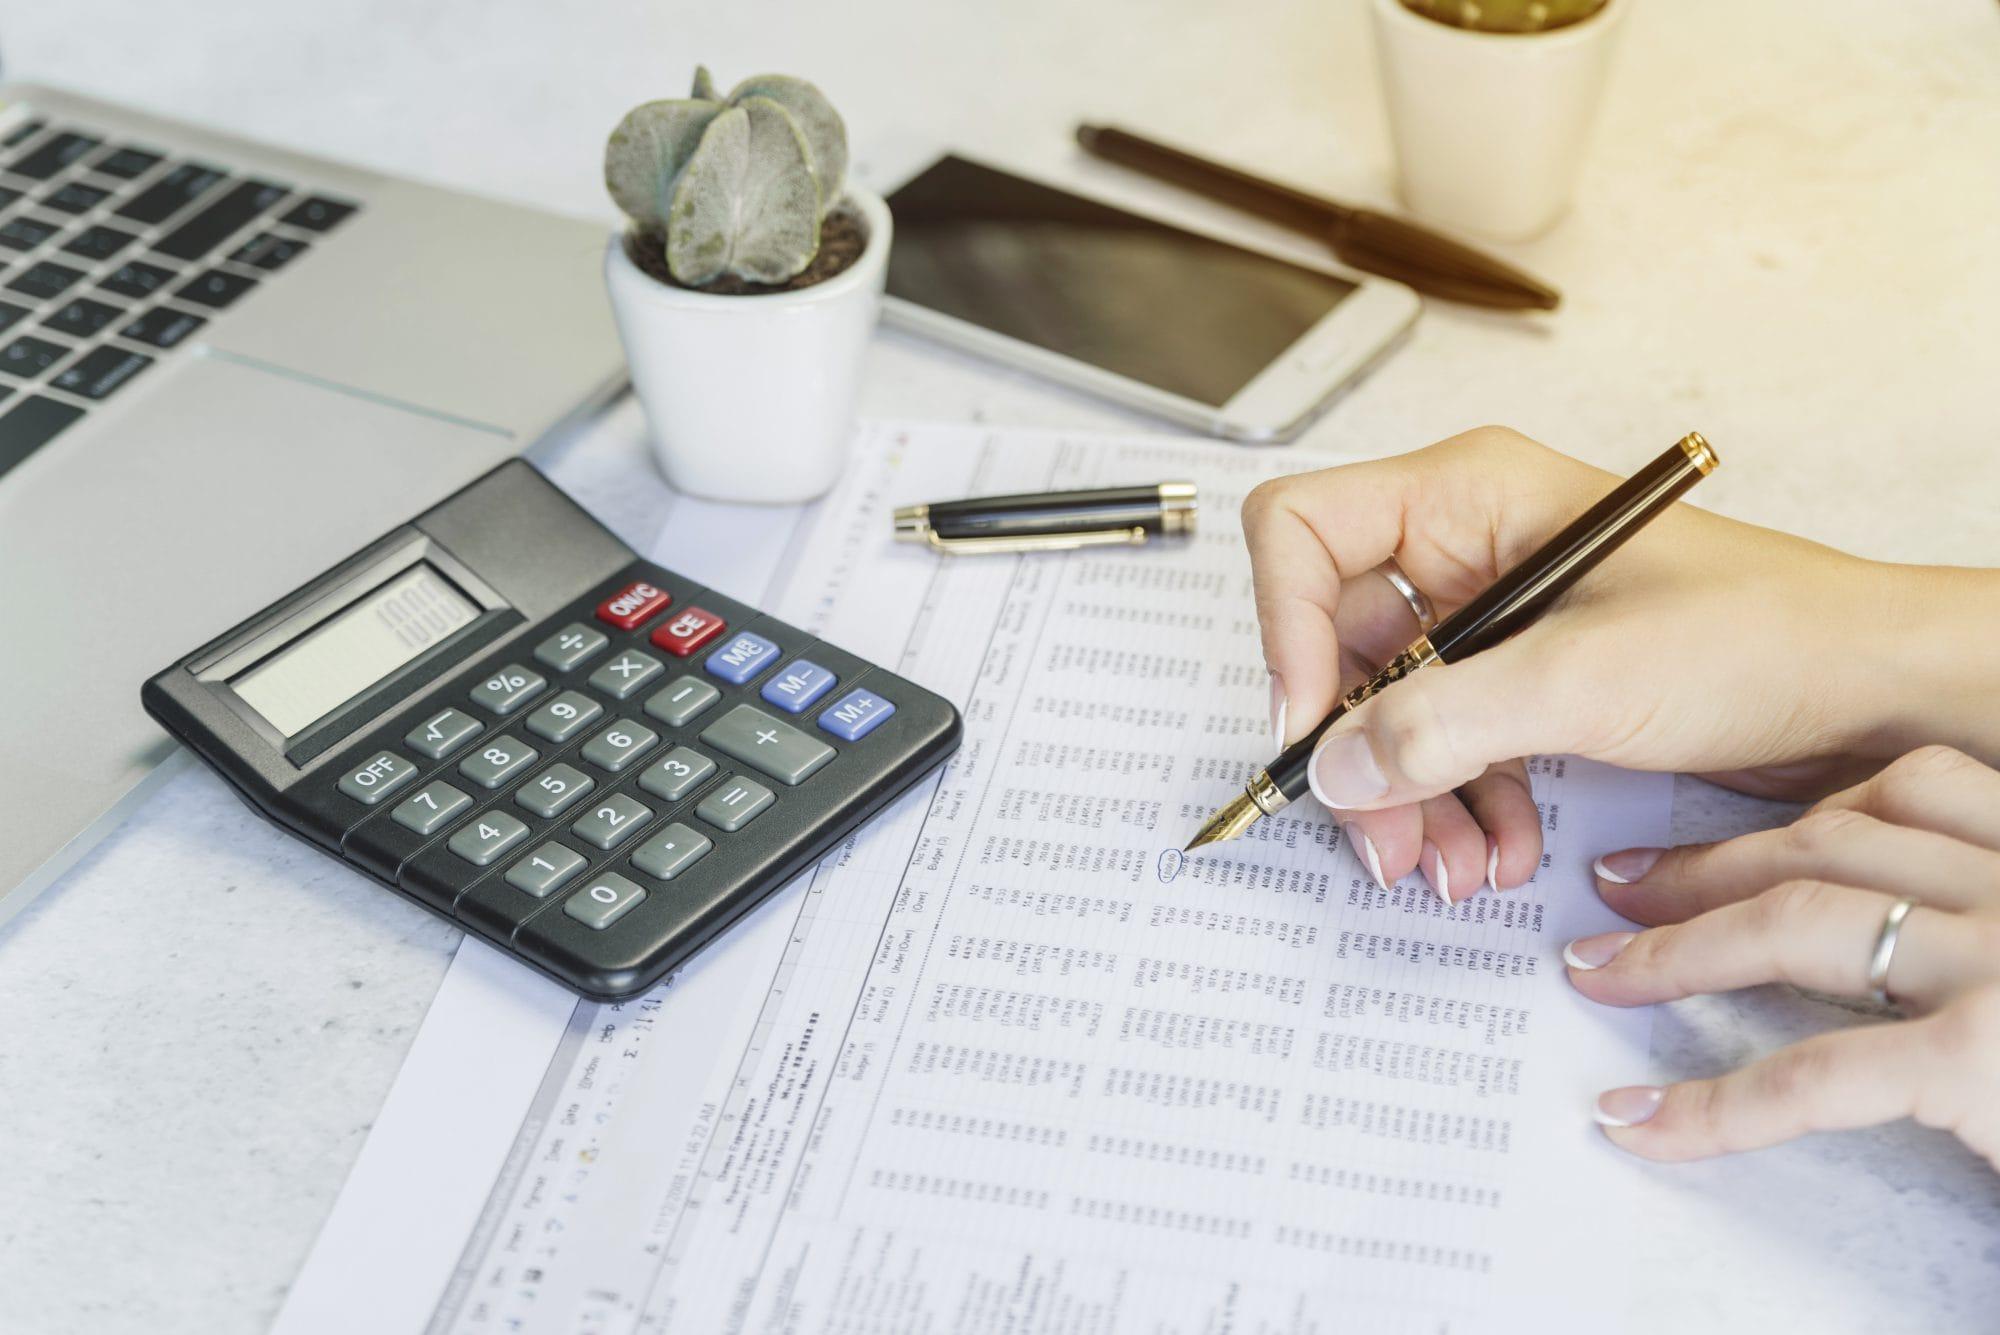 pengertian jurnal akuntansi